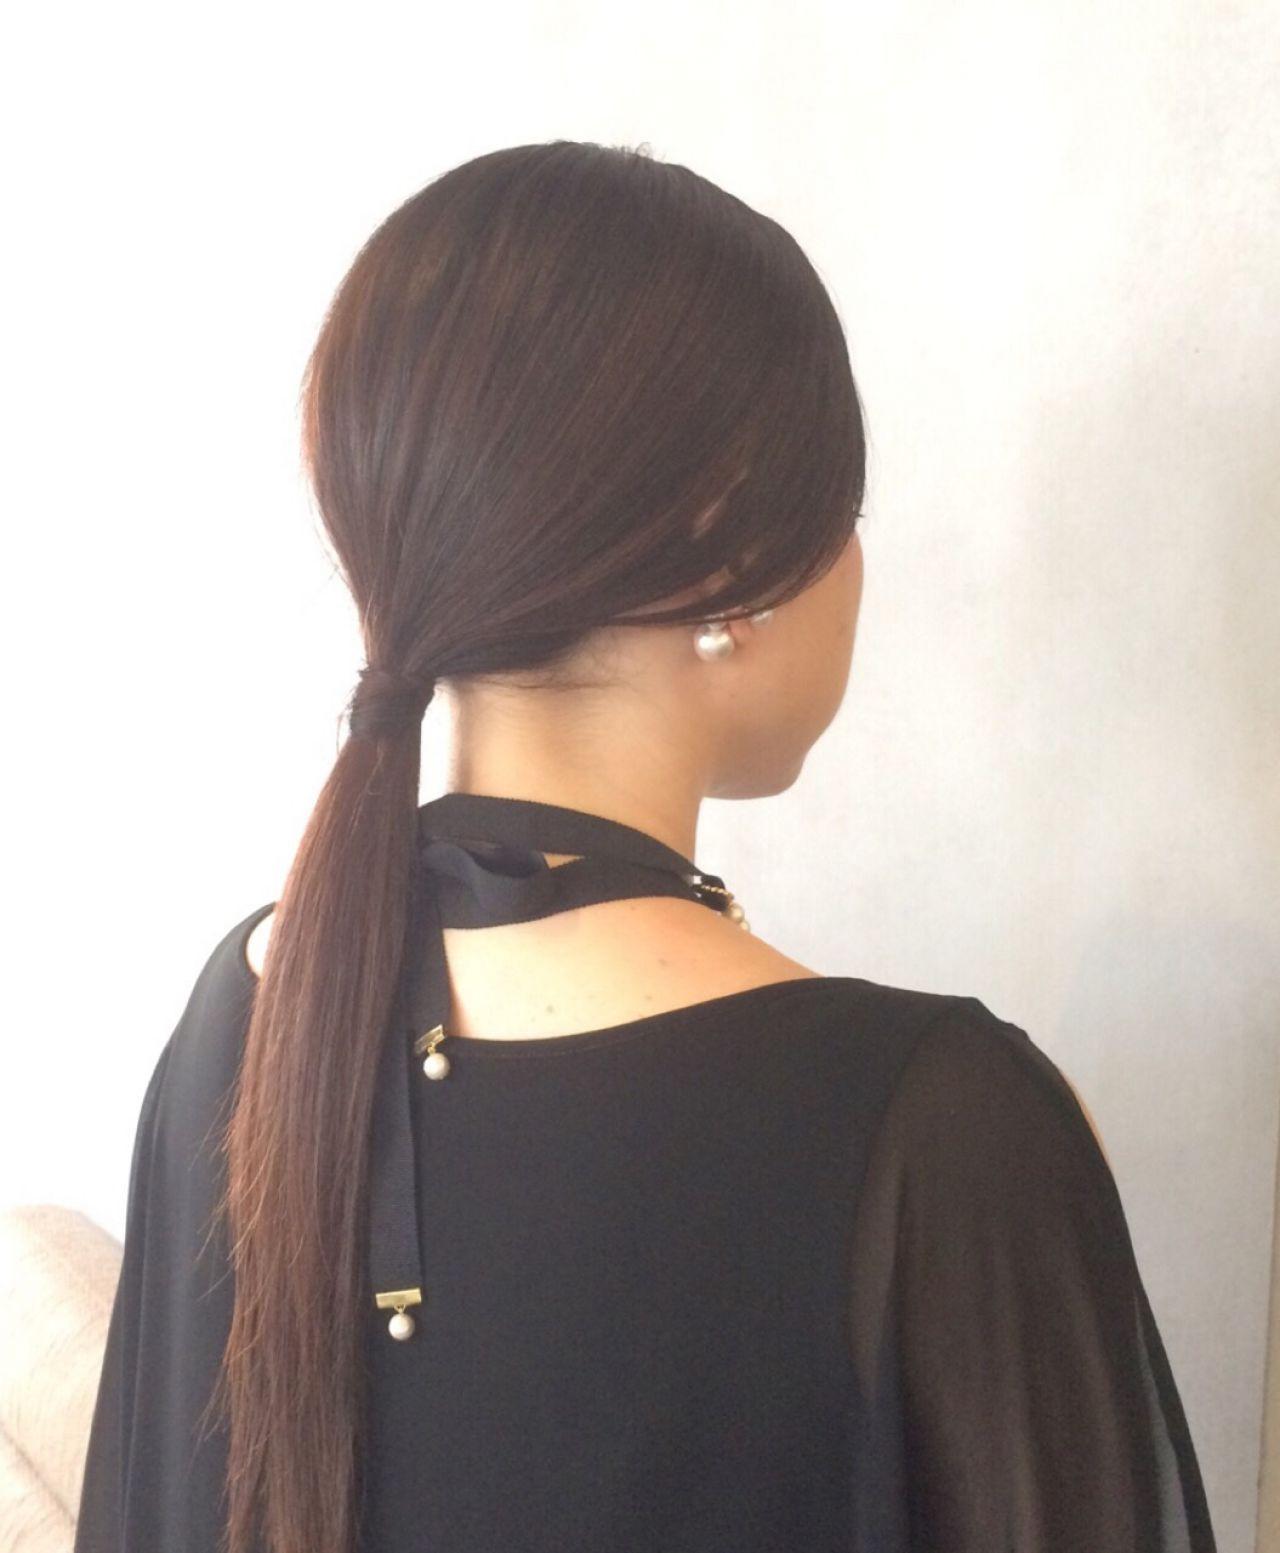 ストレートロングの魅力引き立つローポニーテール 高徳 洋史 Lyon | Lyon hair&makeup